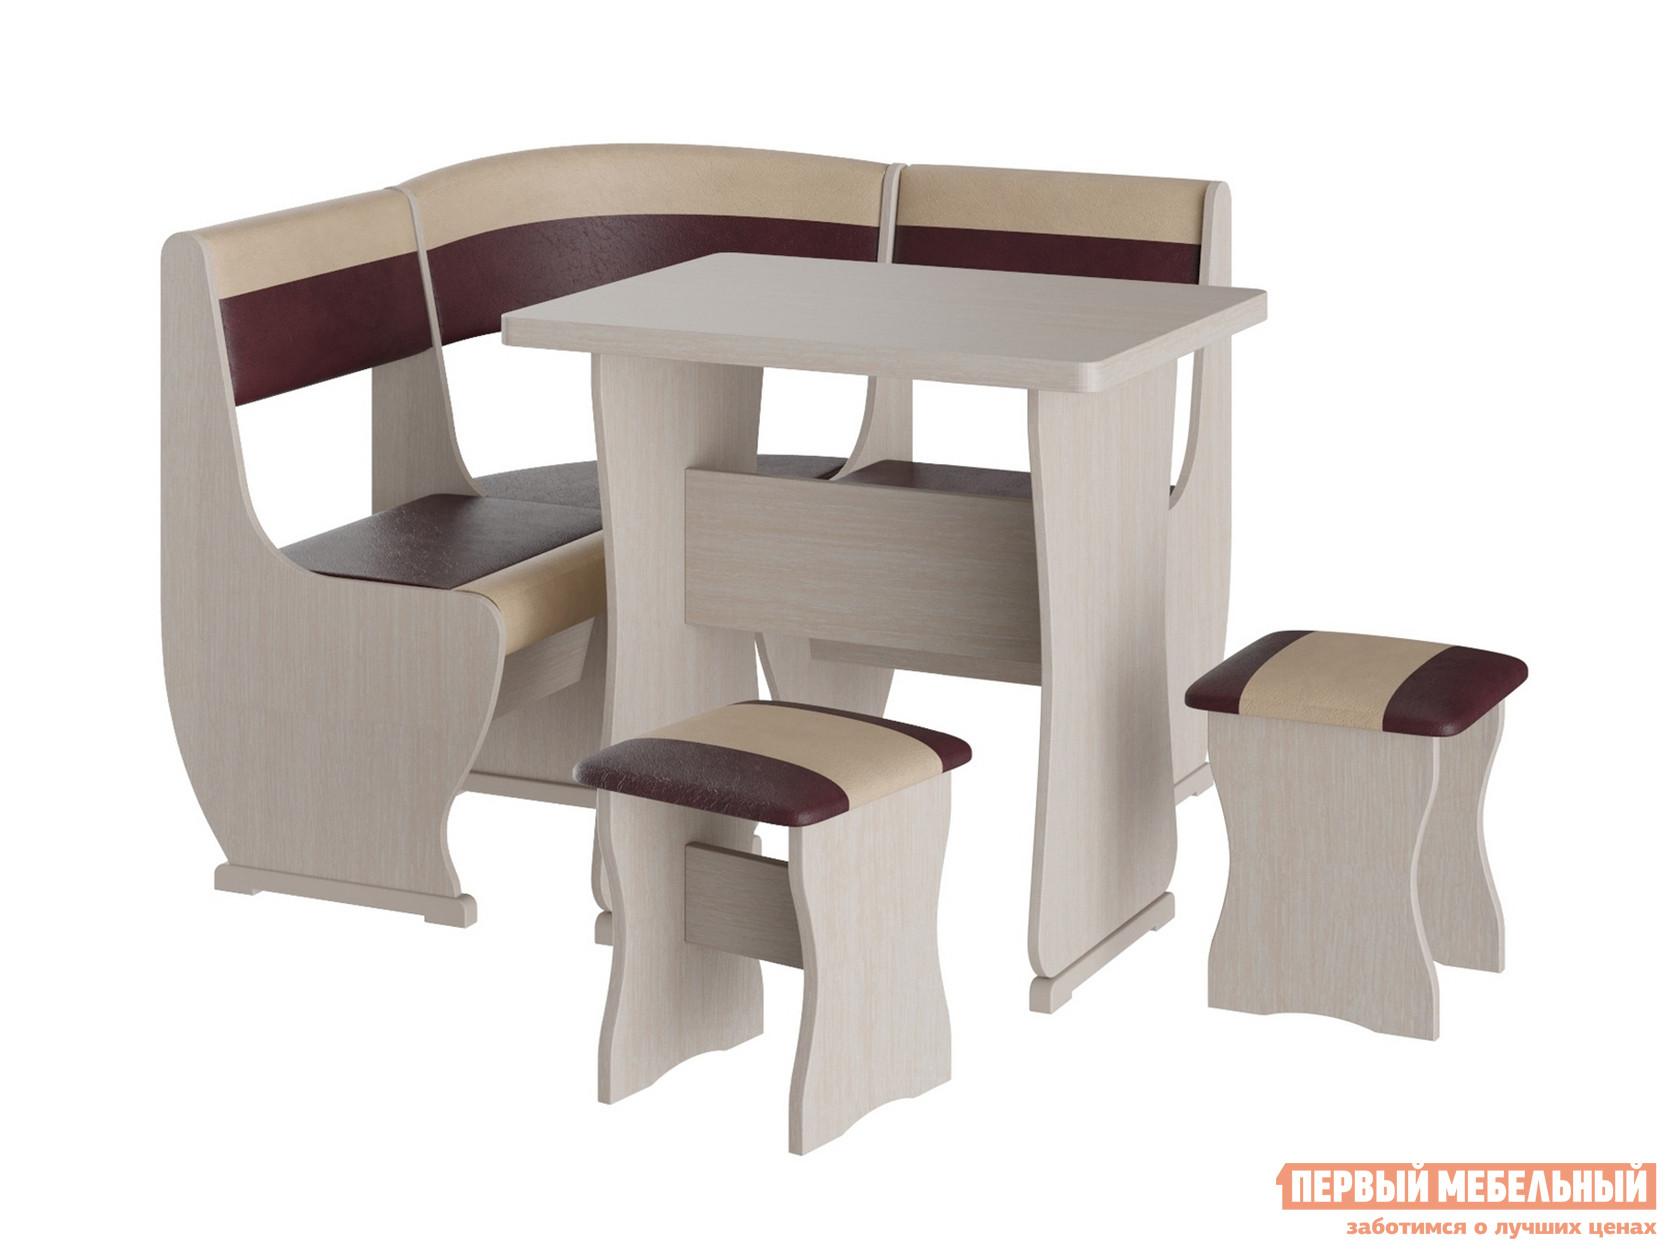 Кухонный уголок Первый Мебельный Кухонный уголок Альянс мини